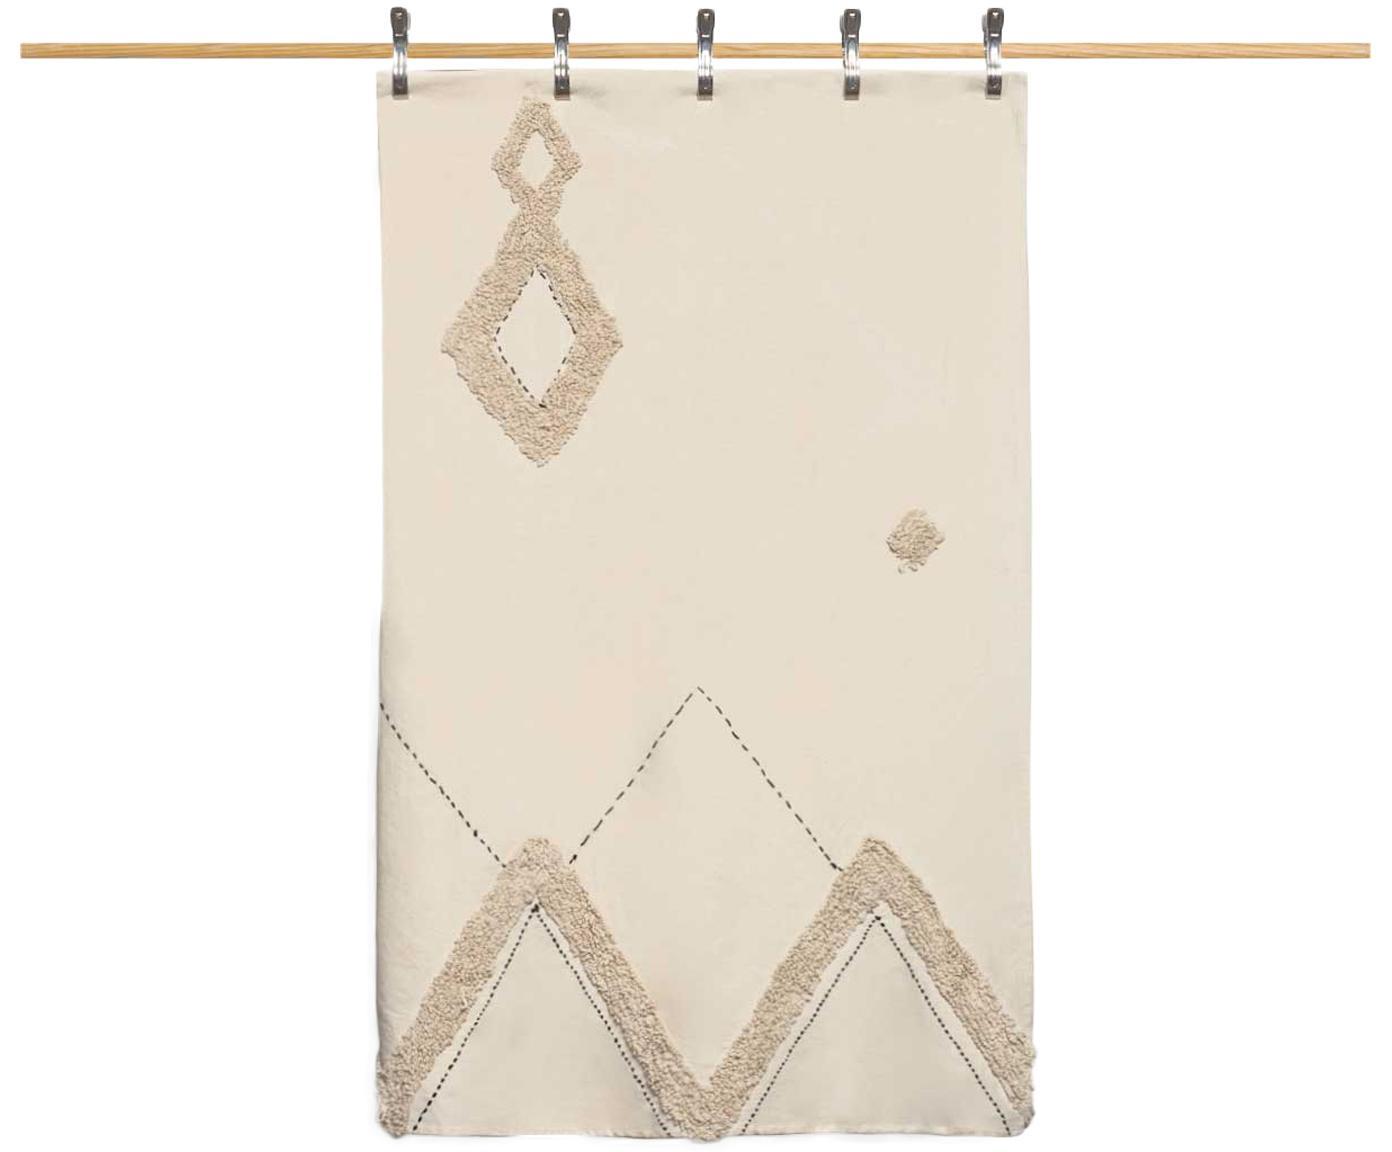 Tagesdecke Lienzo mit Hoch-Tief-Muster, 100% Baumwolle, Cremeweiß, Braun, 240 x 260 cm